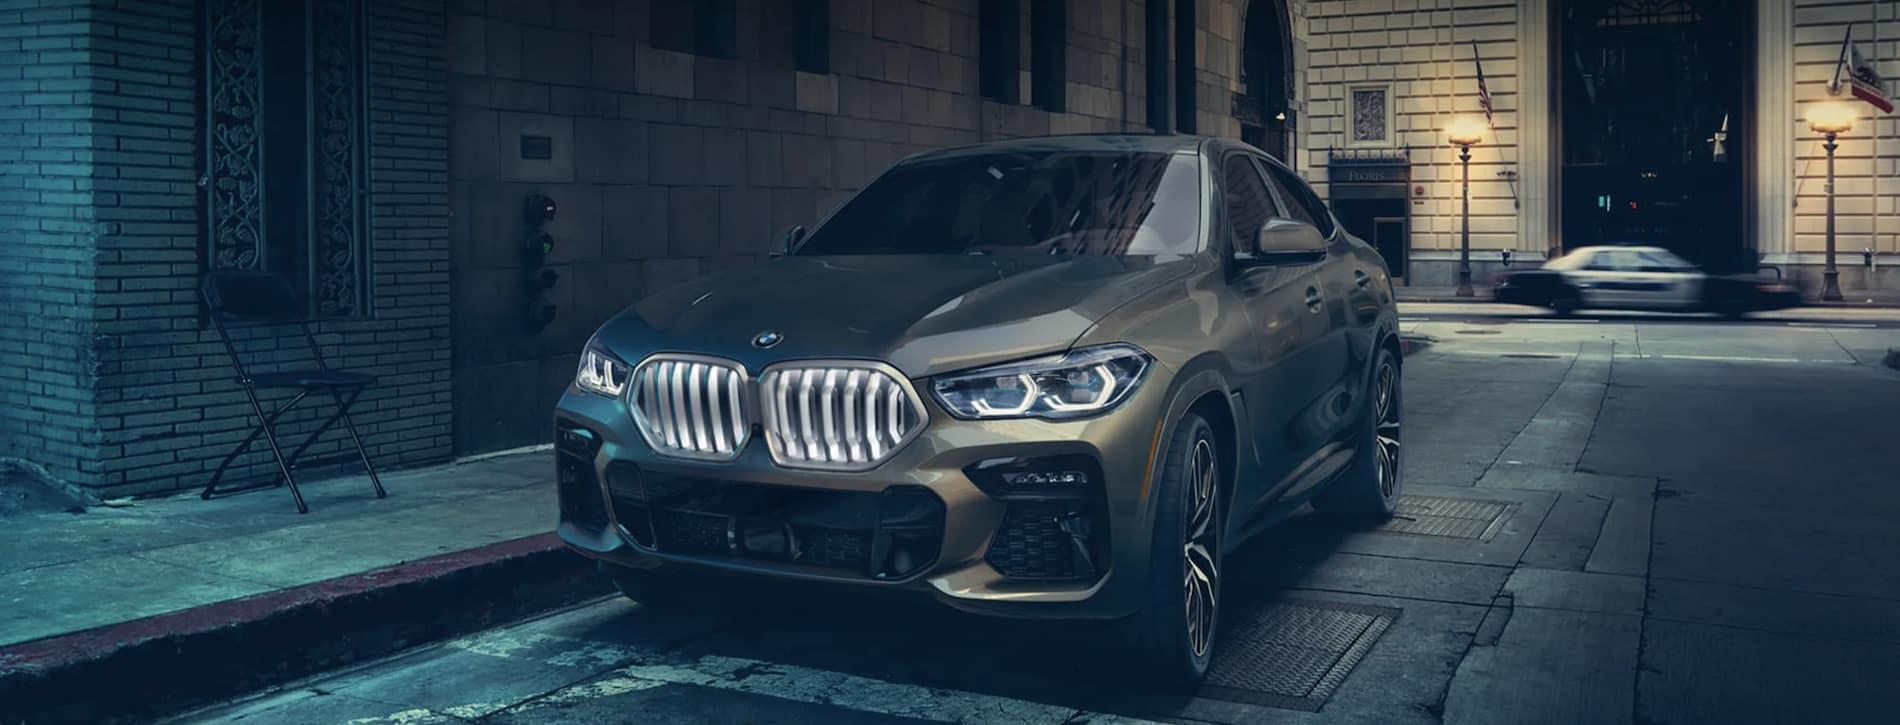 LEASE A NEW 2022 BMW X6 xDRIVE40i